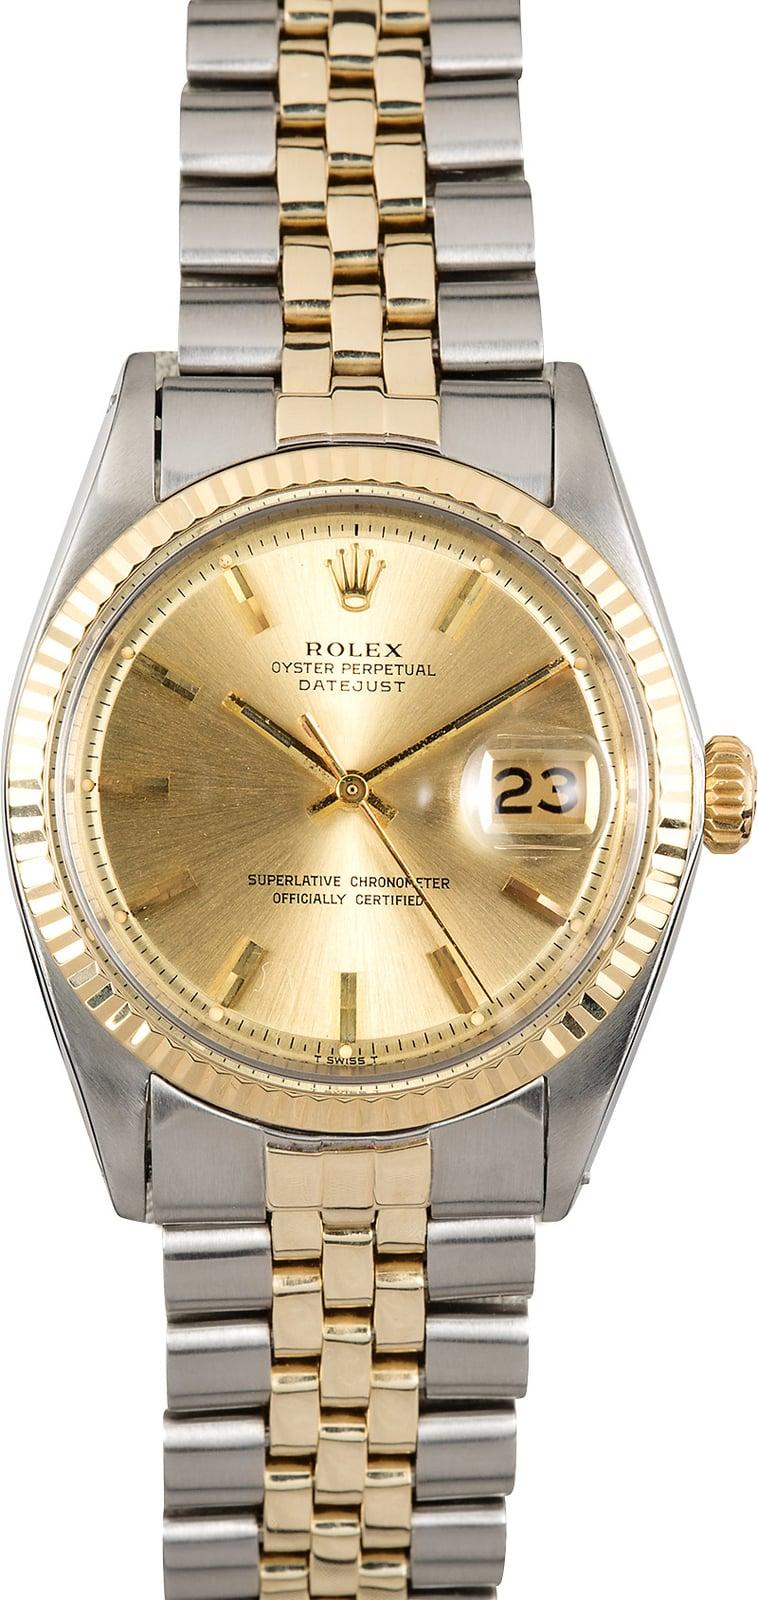 rolex datejust 1601 vintage watch